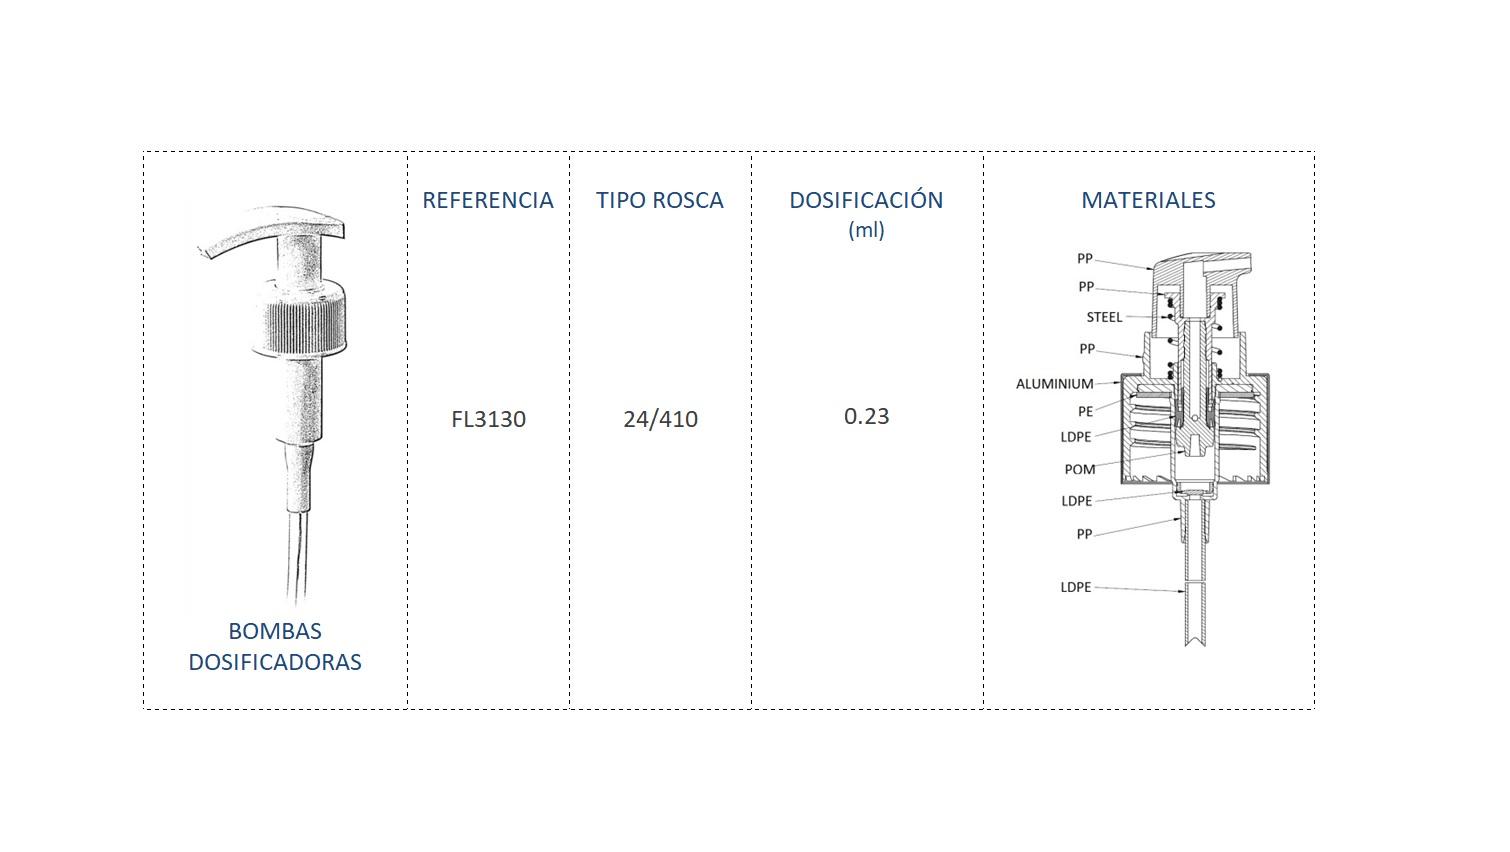 Cuadro materiales bomba dosificadora FL3130 24/410